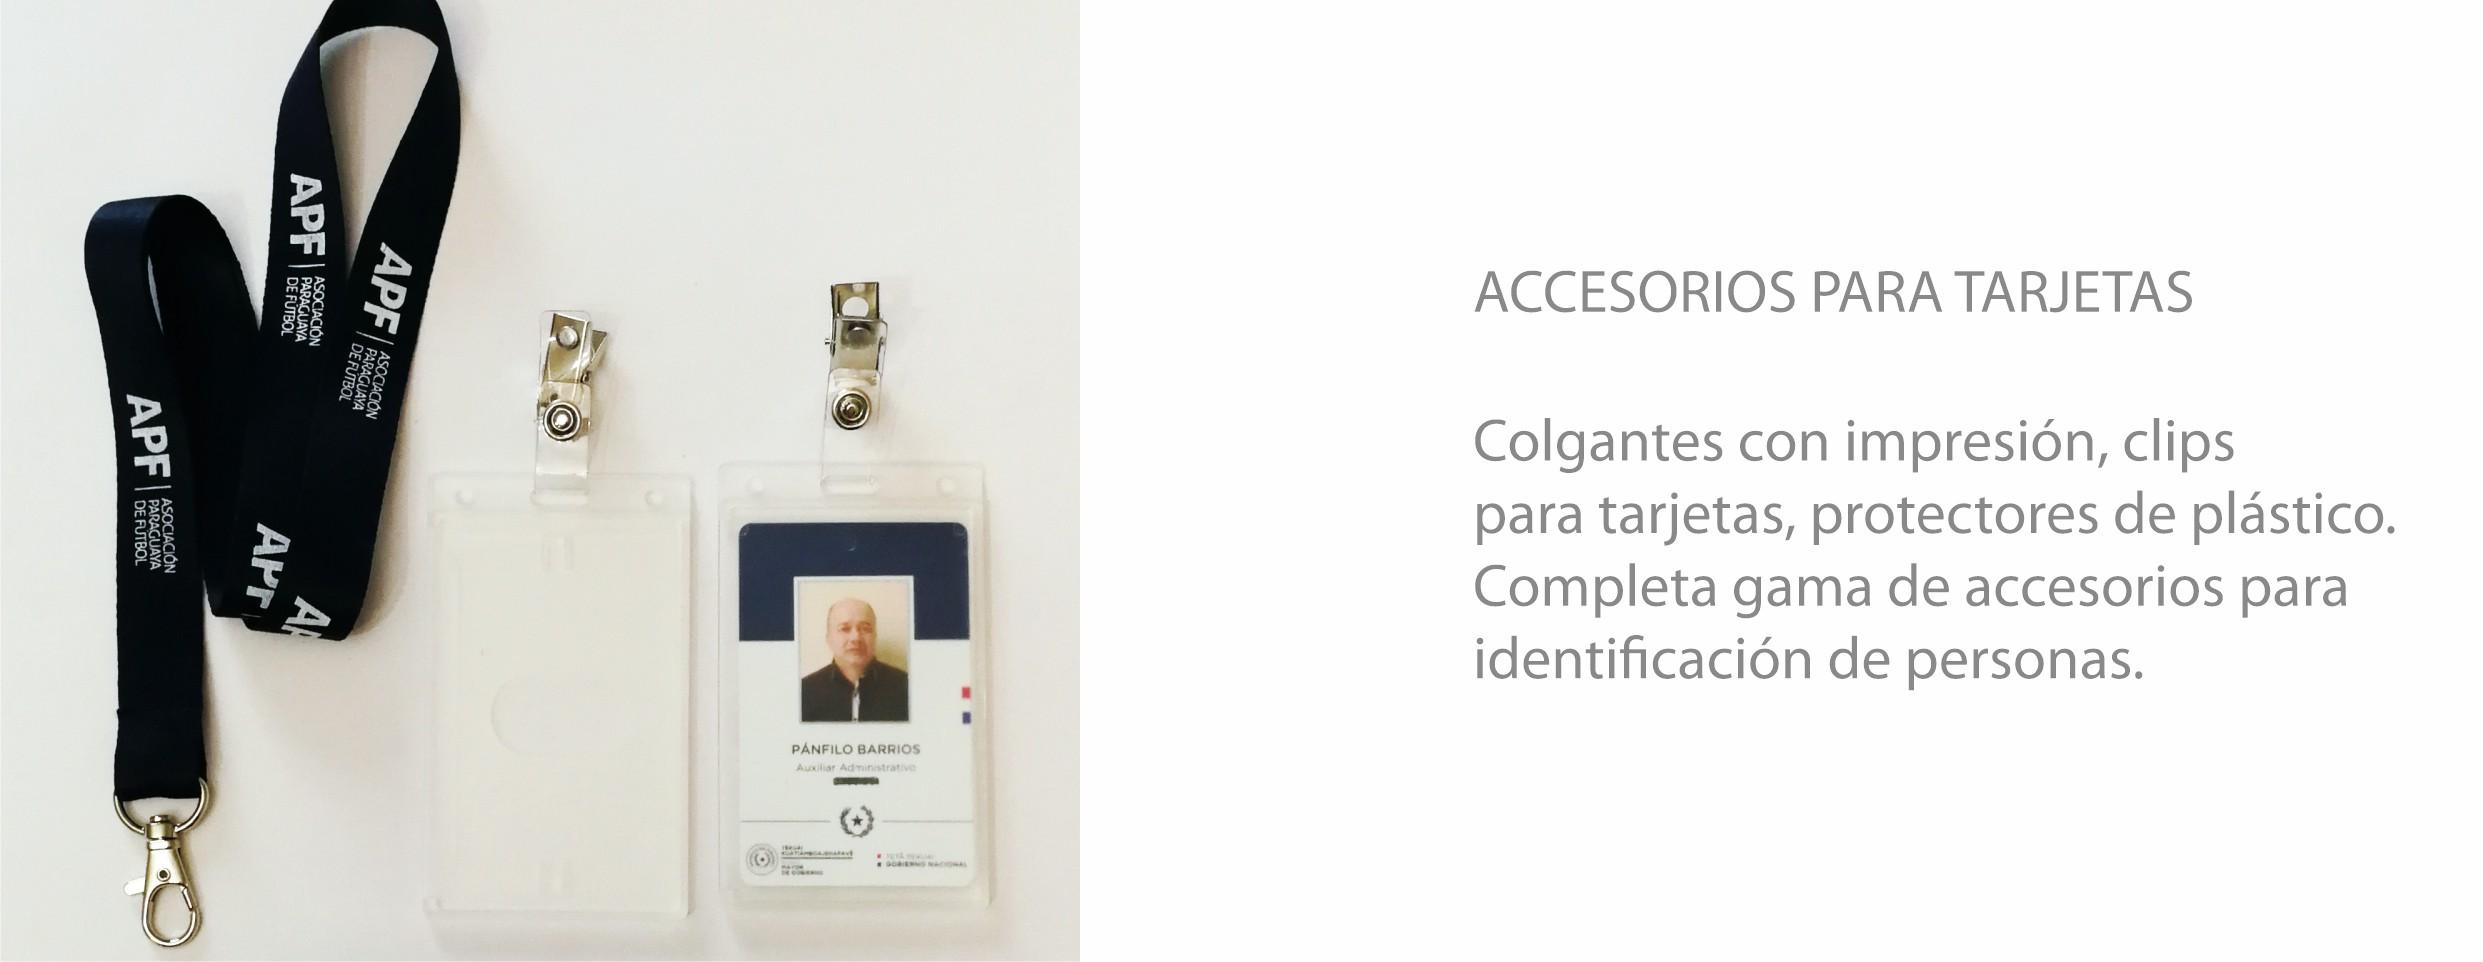 Identificación y accesorios